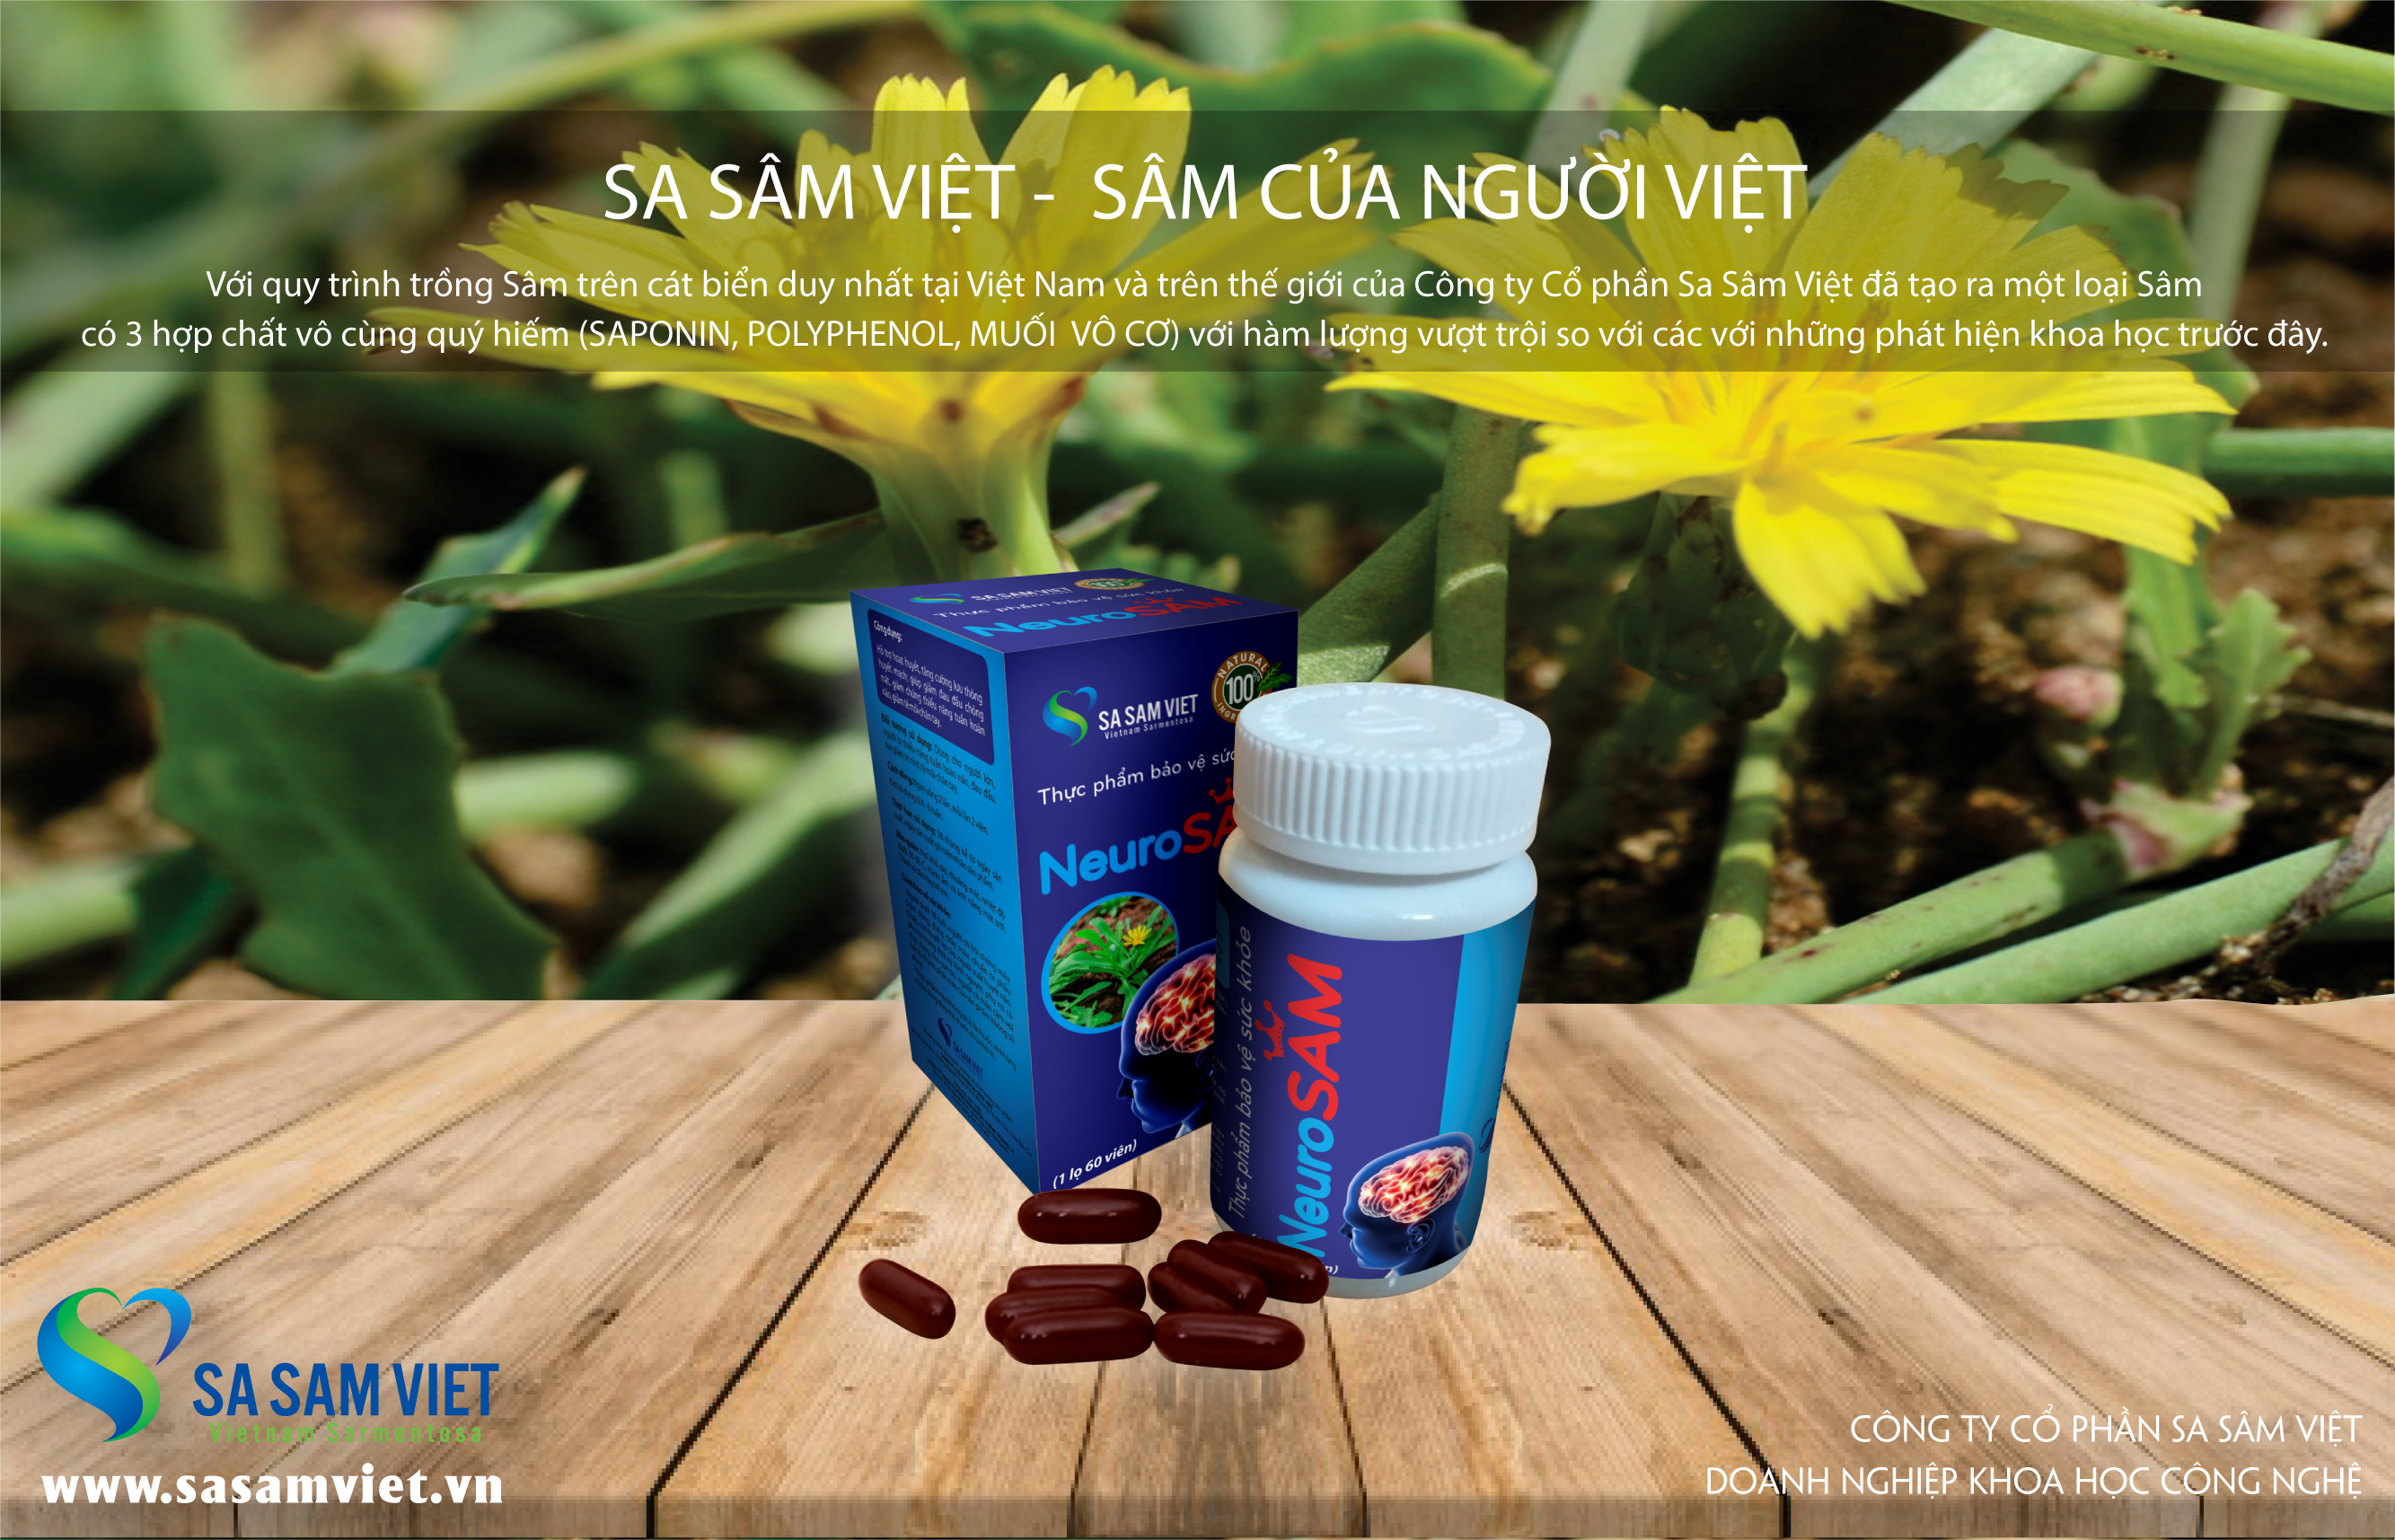 Sâm hoạt duyết dưỡng não NeuroSAM - Sa Sâm Việt